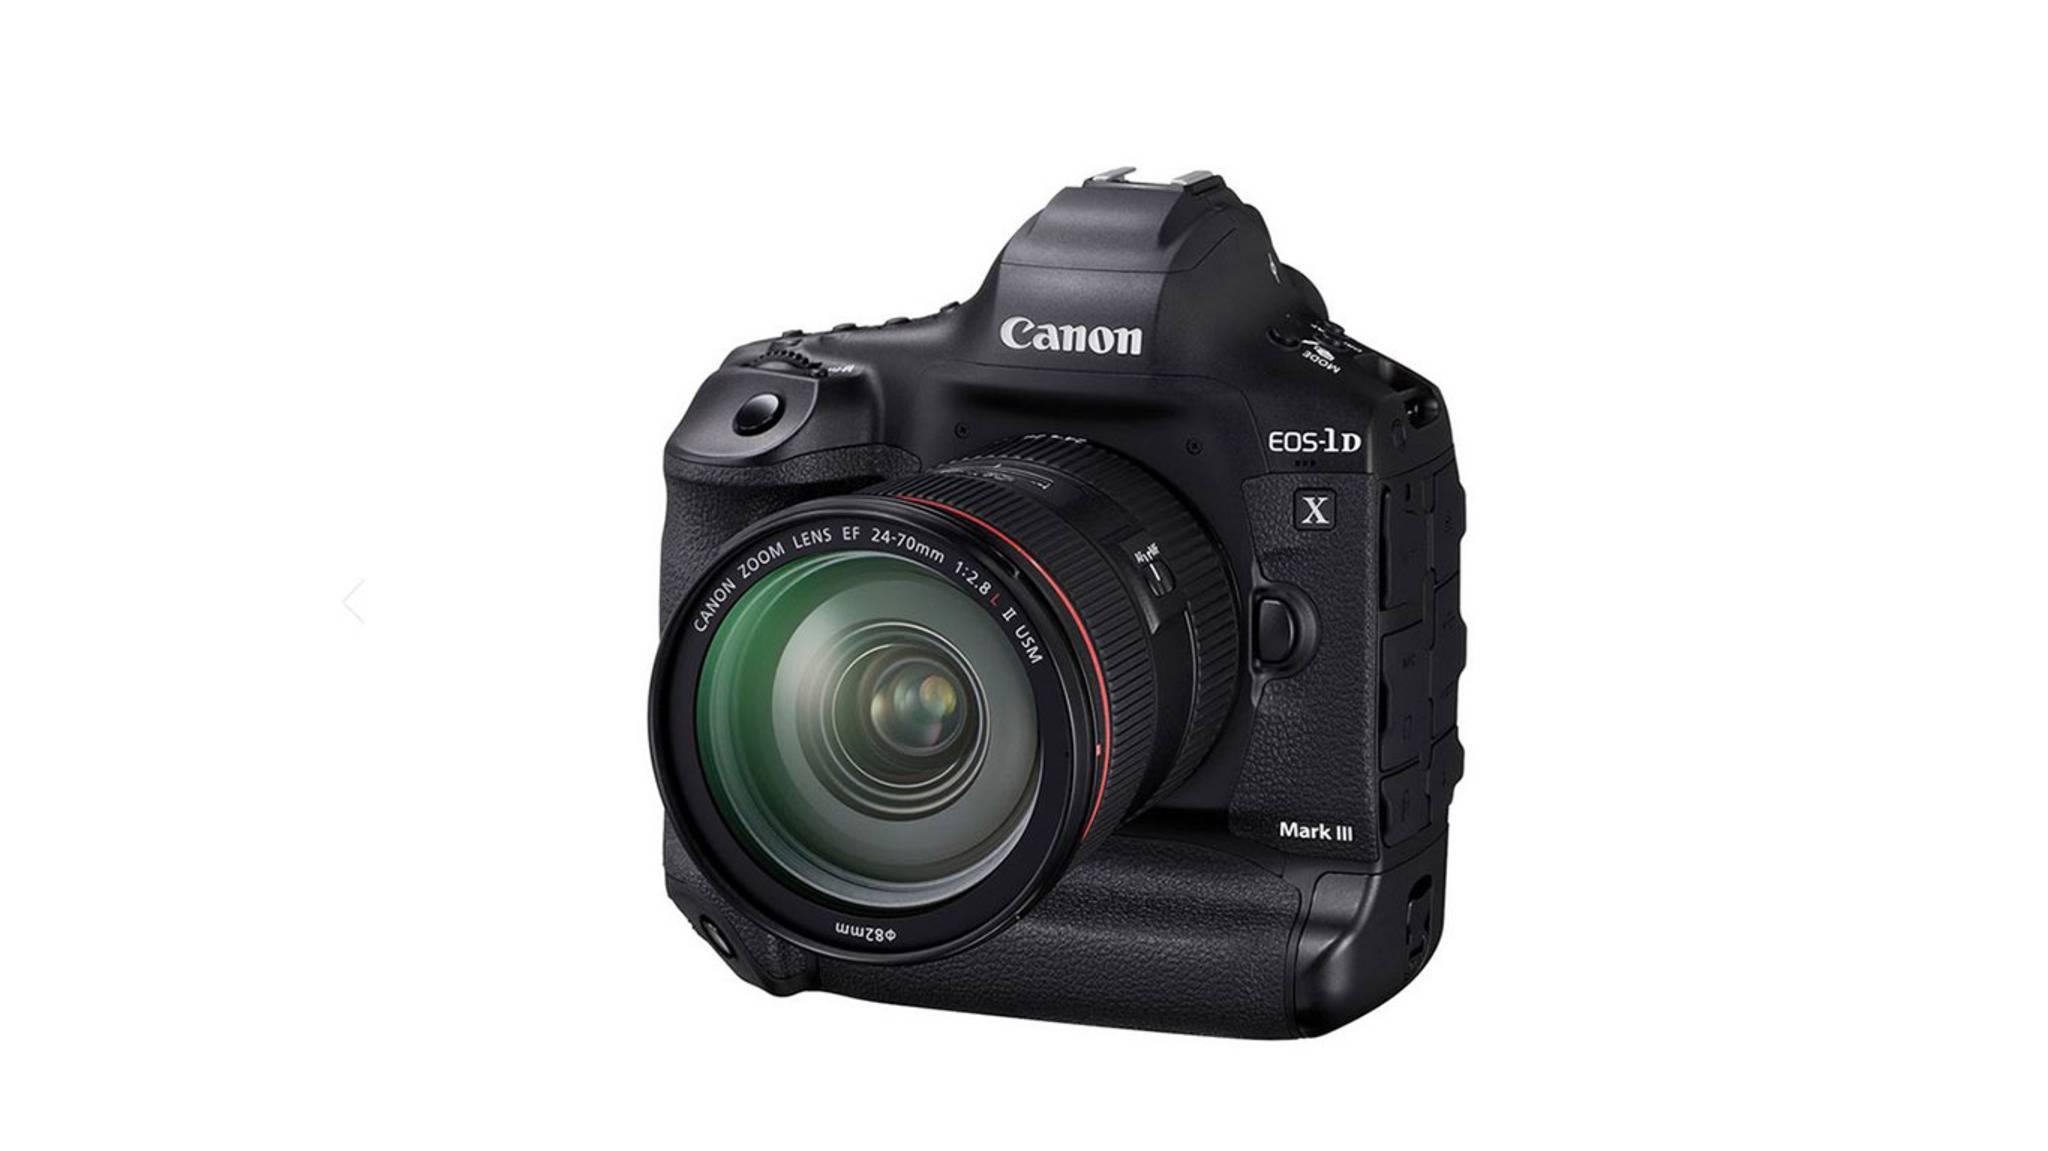 canon-eos-1d-x-mark-3-dslr